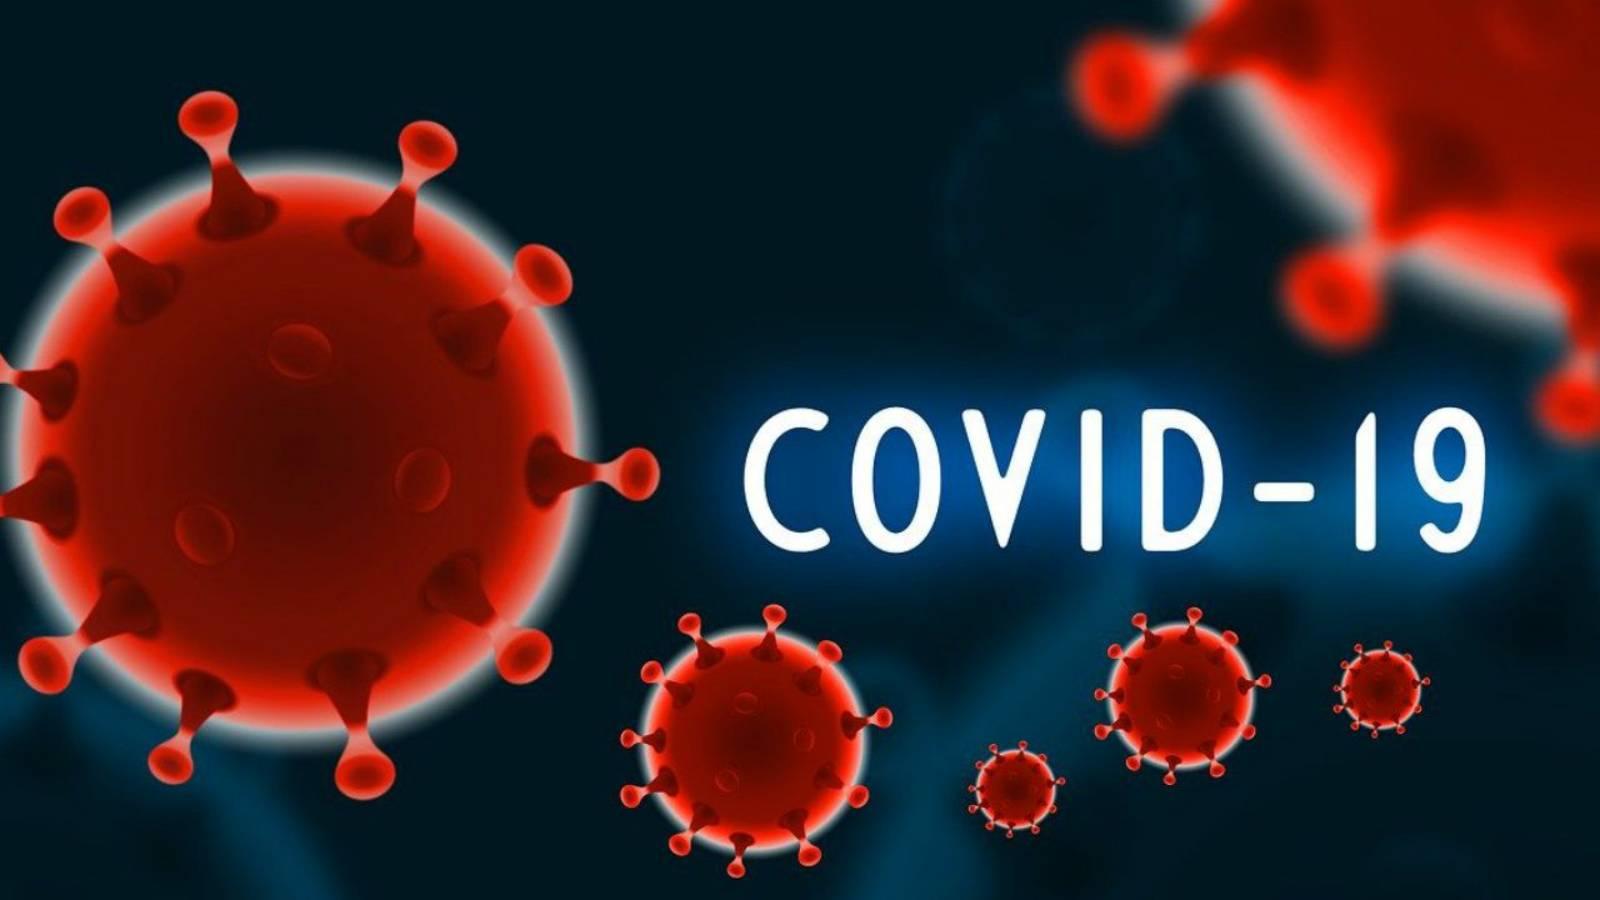 COVID-19 Romania RECORD Pacienti Internati Terapie Intensiva